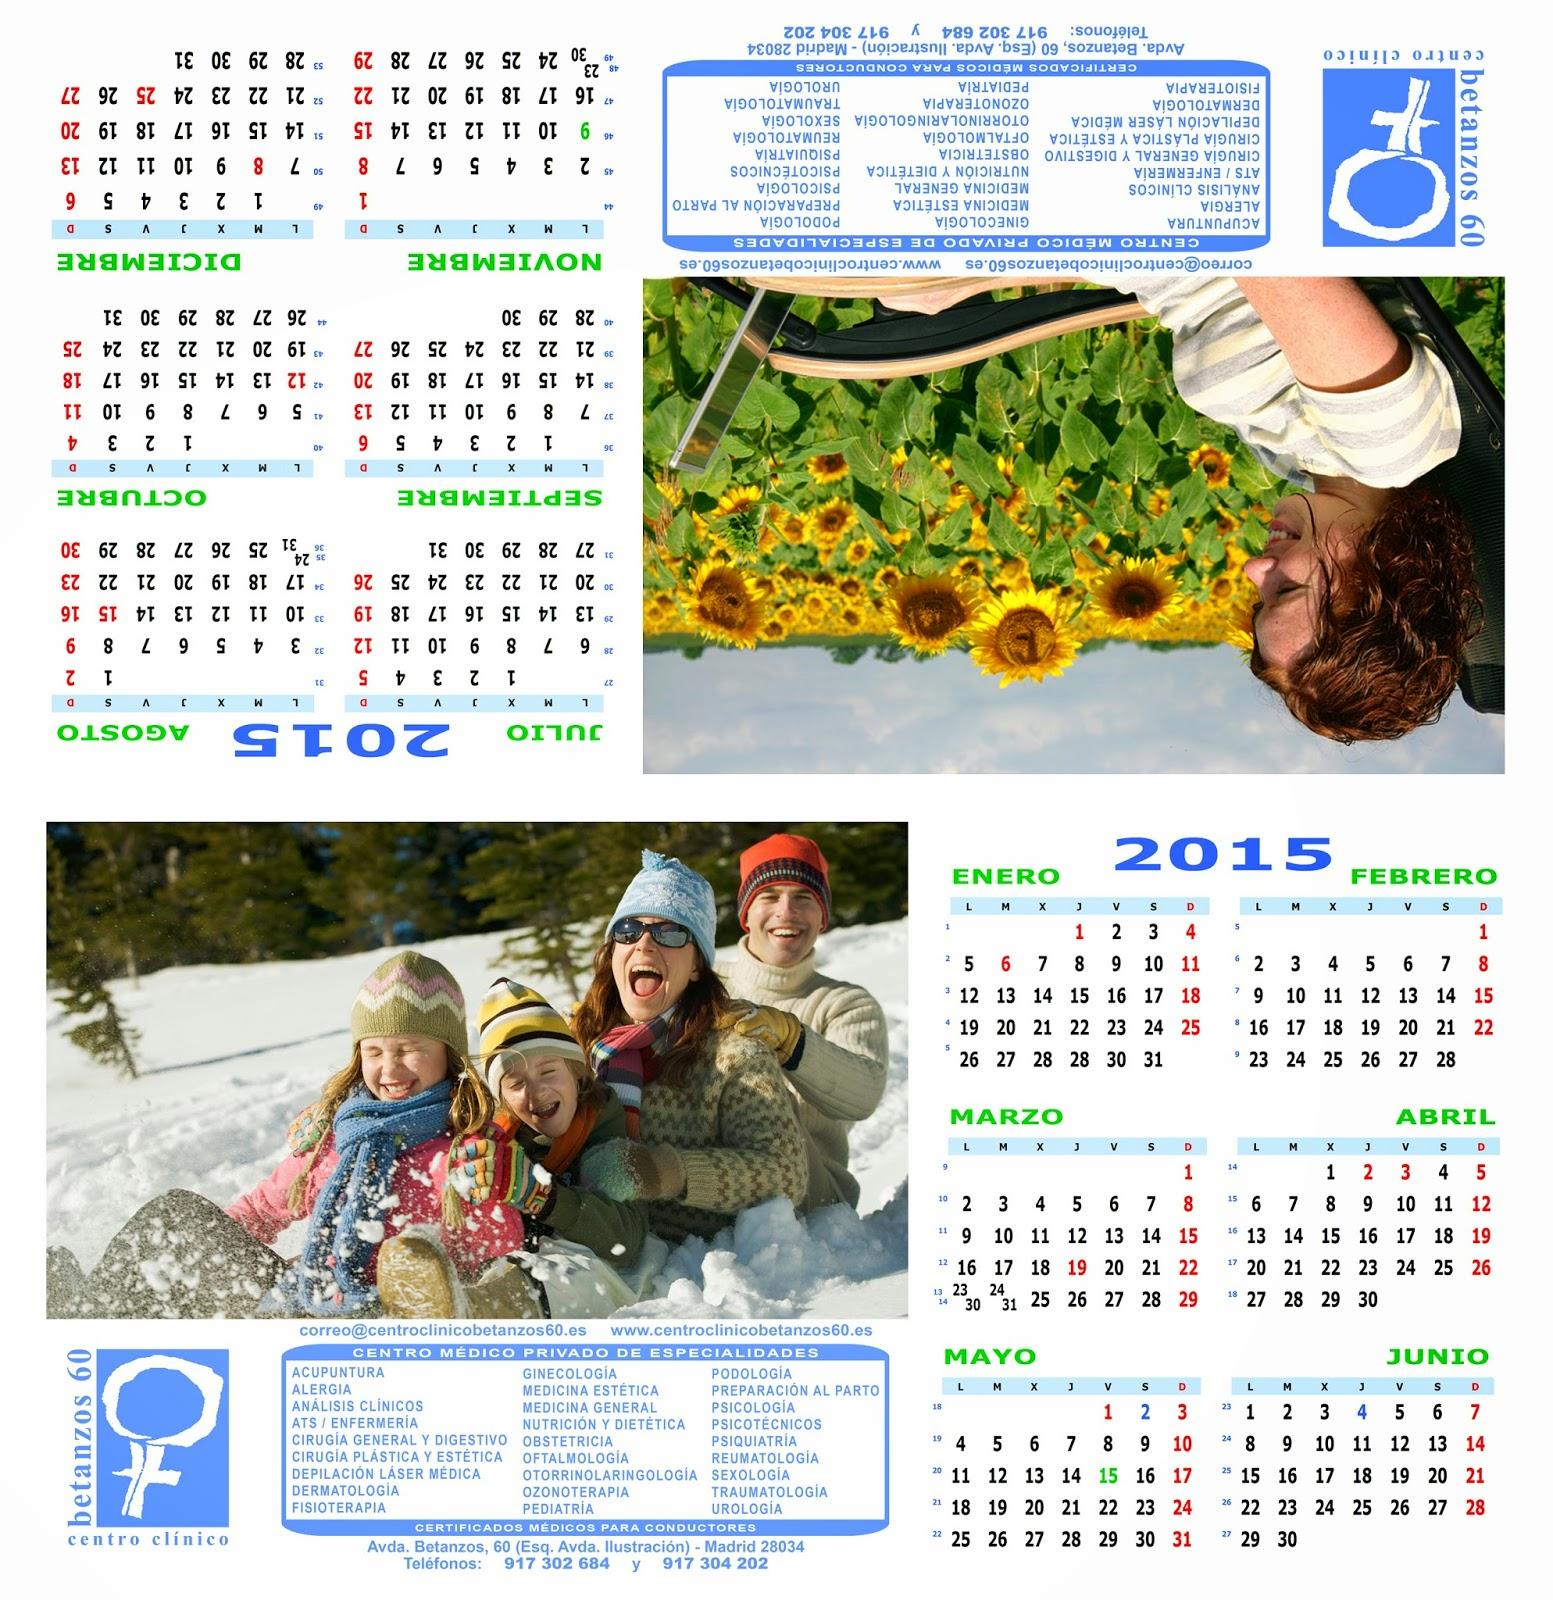 Diseño del calendario especial de 2015 de sobremesa